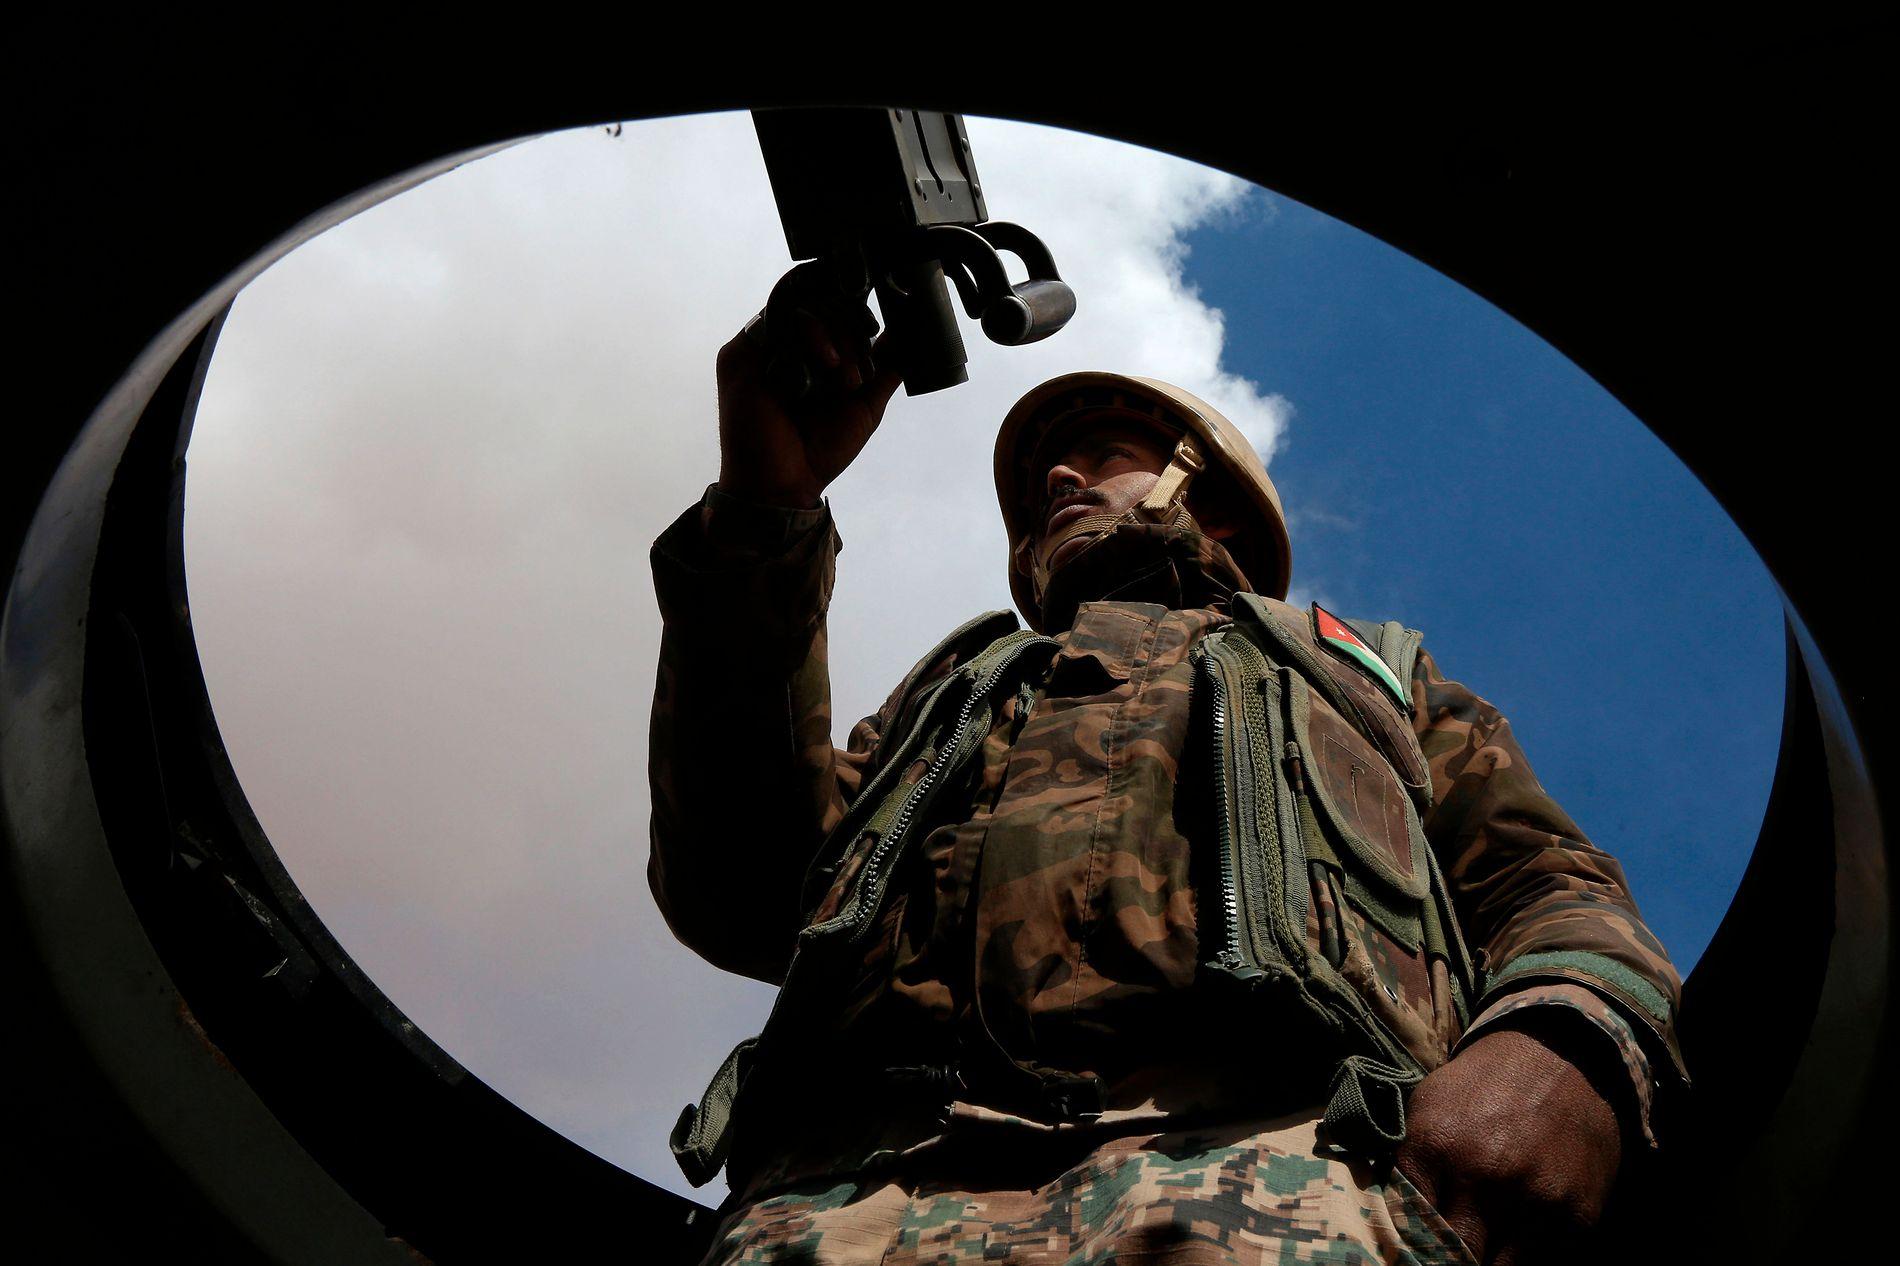 VOKTER GRENSEN: Jordanske soldater står ved grensen mot Syria og sørger for at ingen kommer inn i landet.